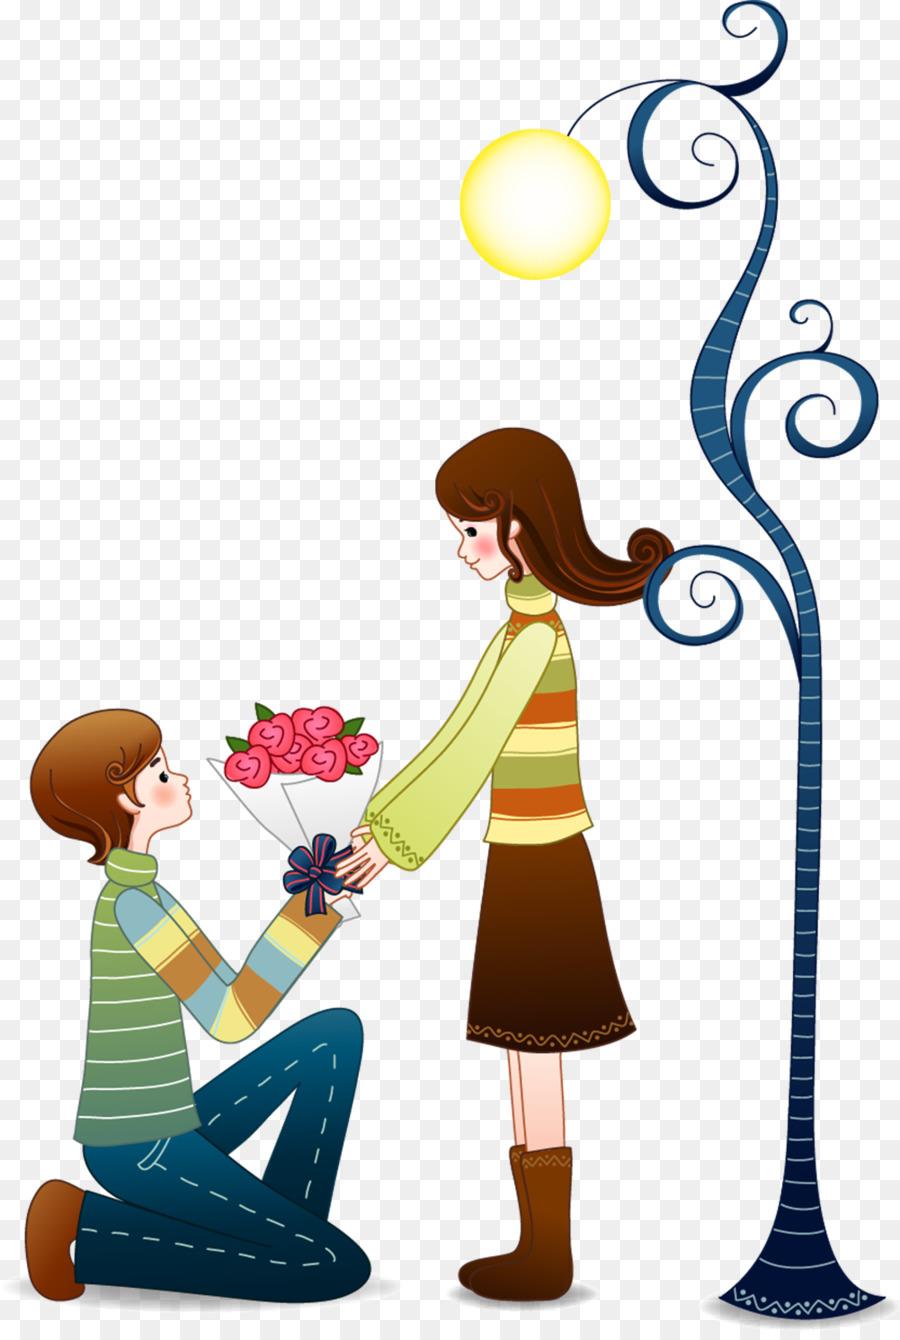 Descarga gratuita de El Día De San Valentín, Festival Qixi, Romance Imágen de Png